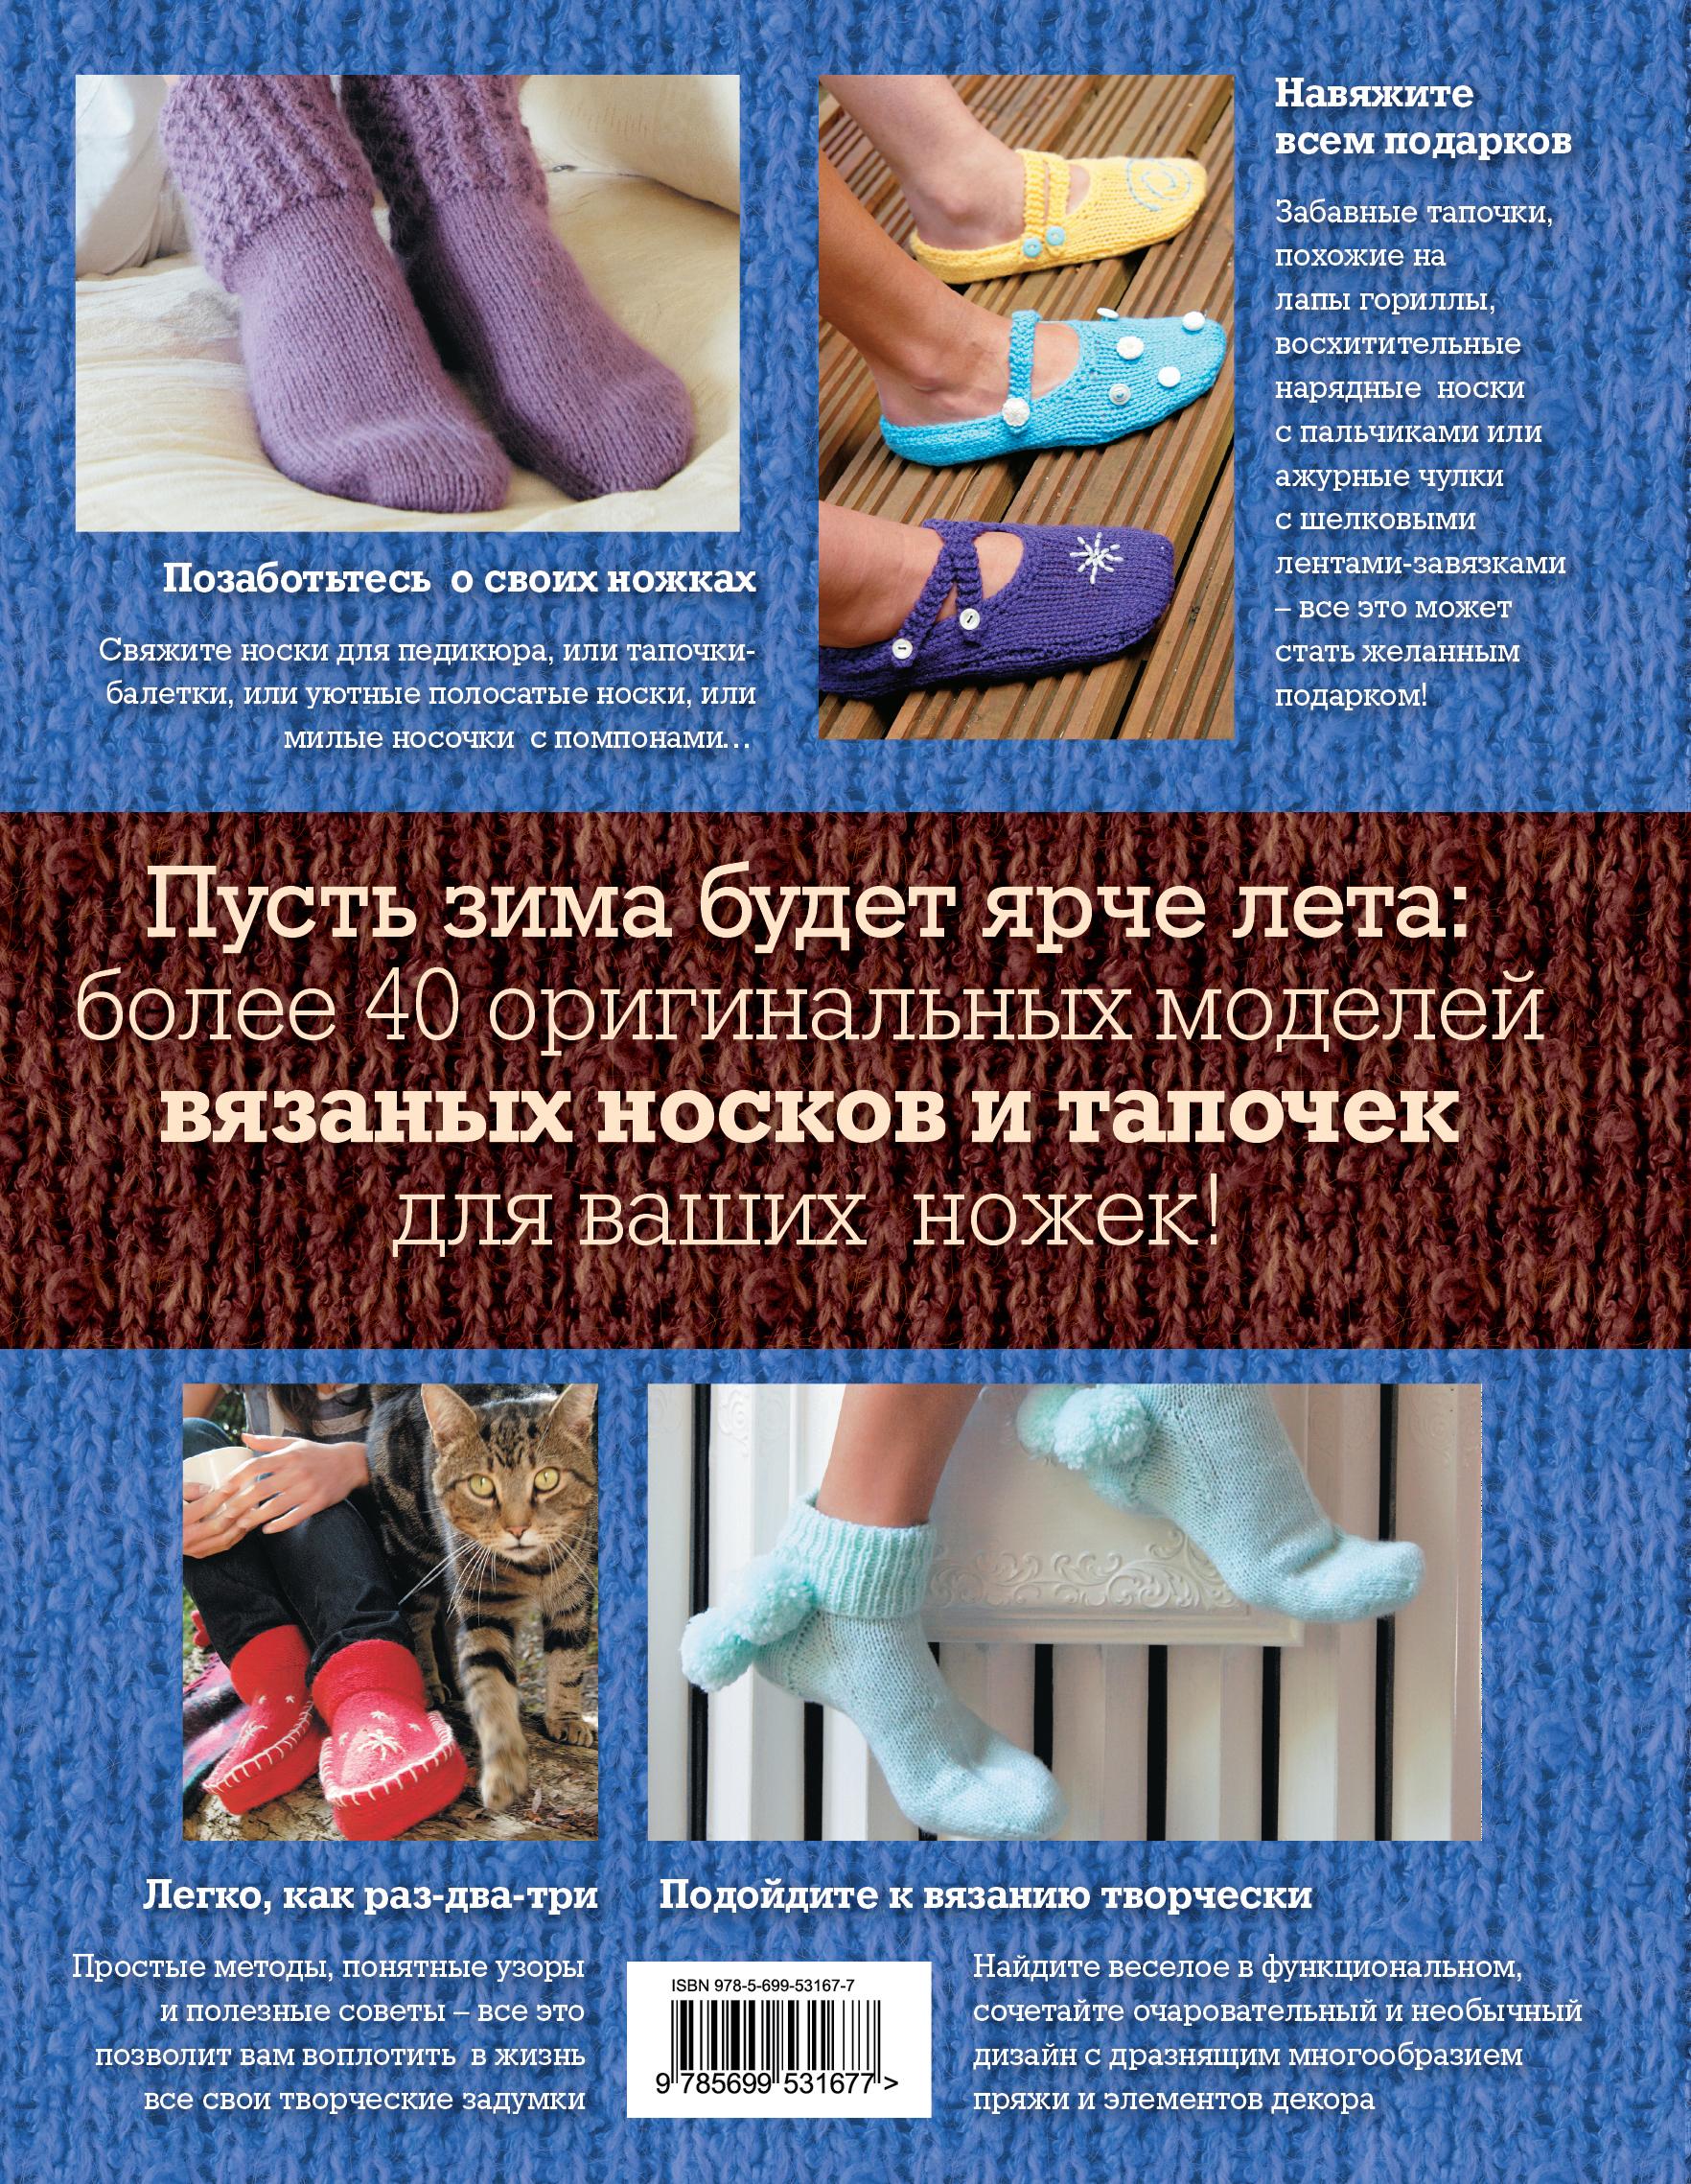 Модели вязания спицами носков тапочек